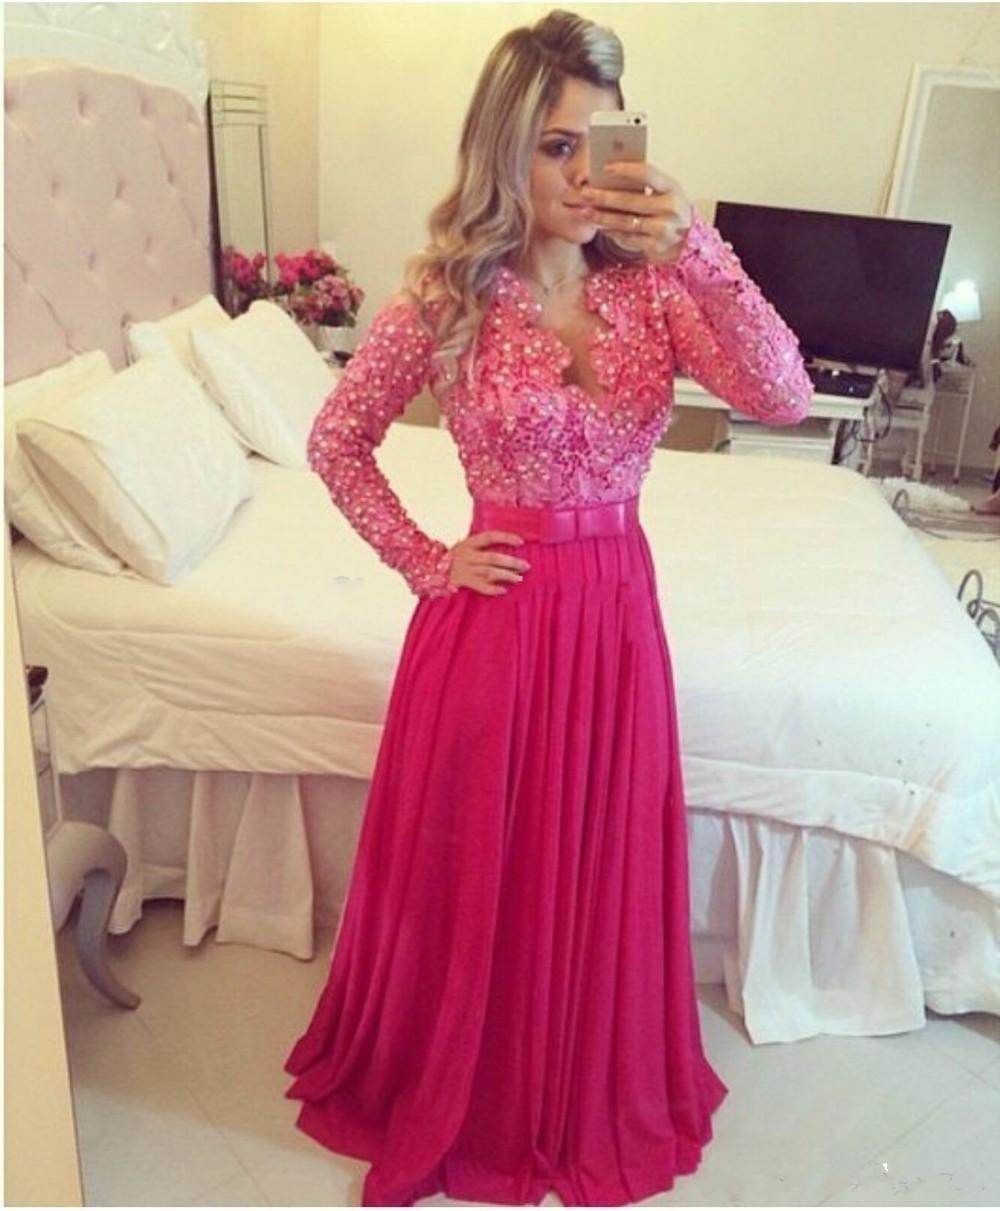 Novas manga comprida Vestidos de baile com decote em V de luxo artesanal pérola A-line Bow Knot Chiffon ameixa-de-rosa Prom Vestidos Vestido